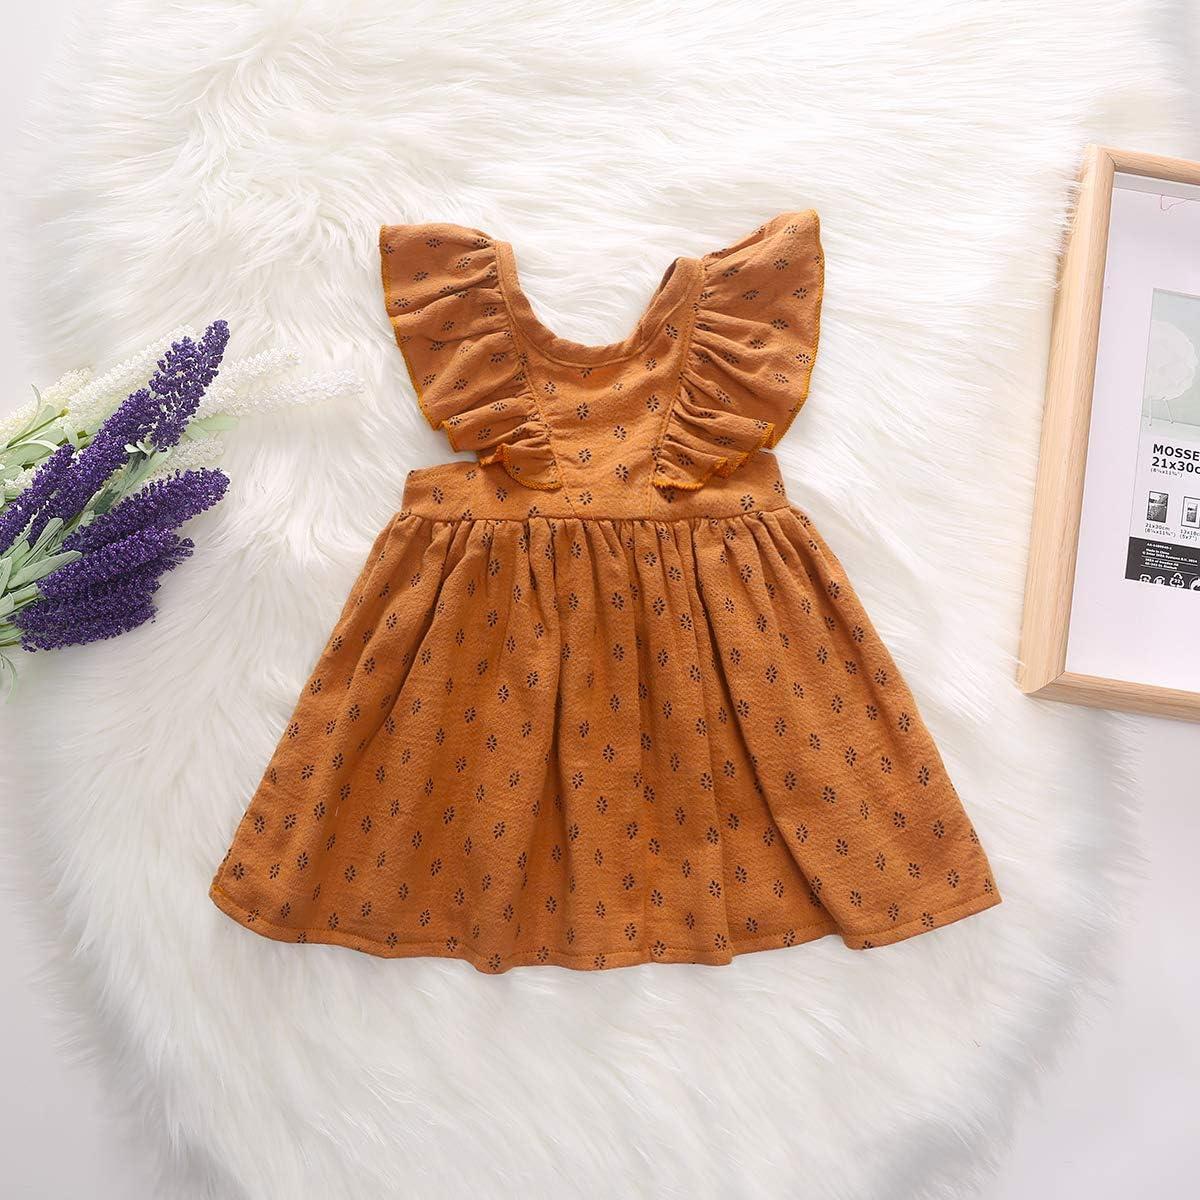 CANDYEEMMA Baby Girls Suspender Skirt Toddler Summer Dress Kids Clothes